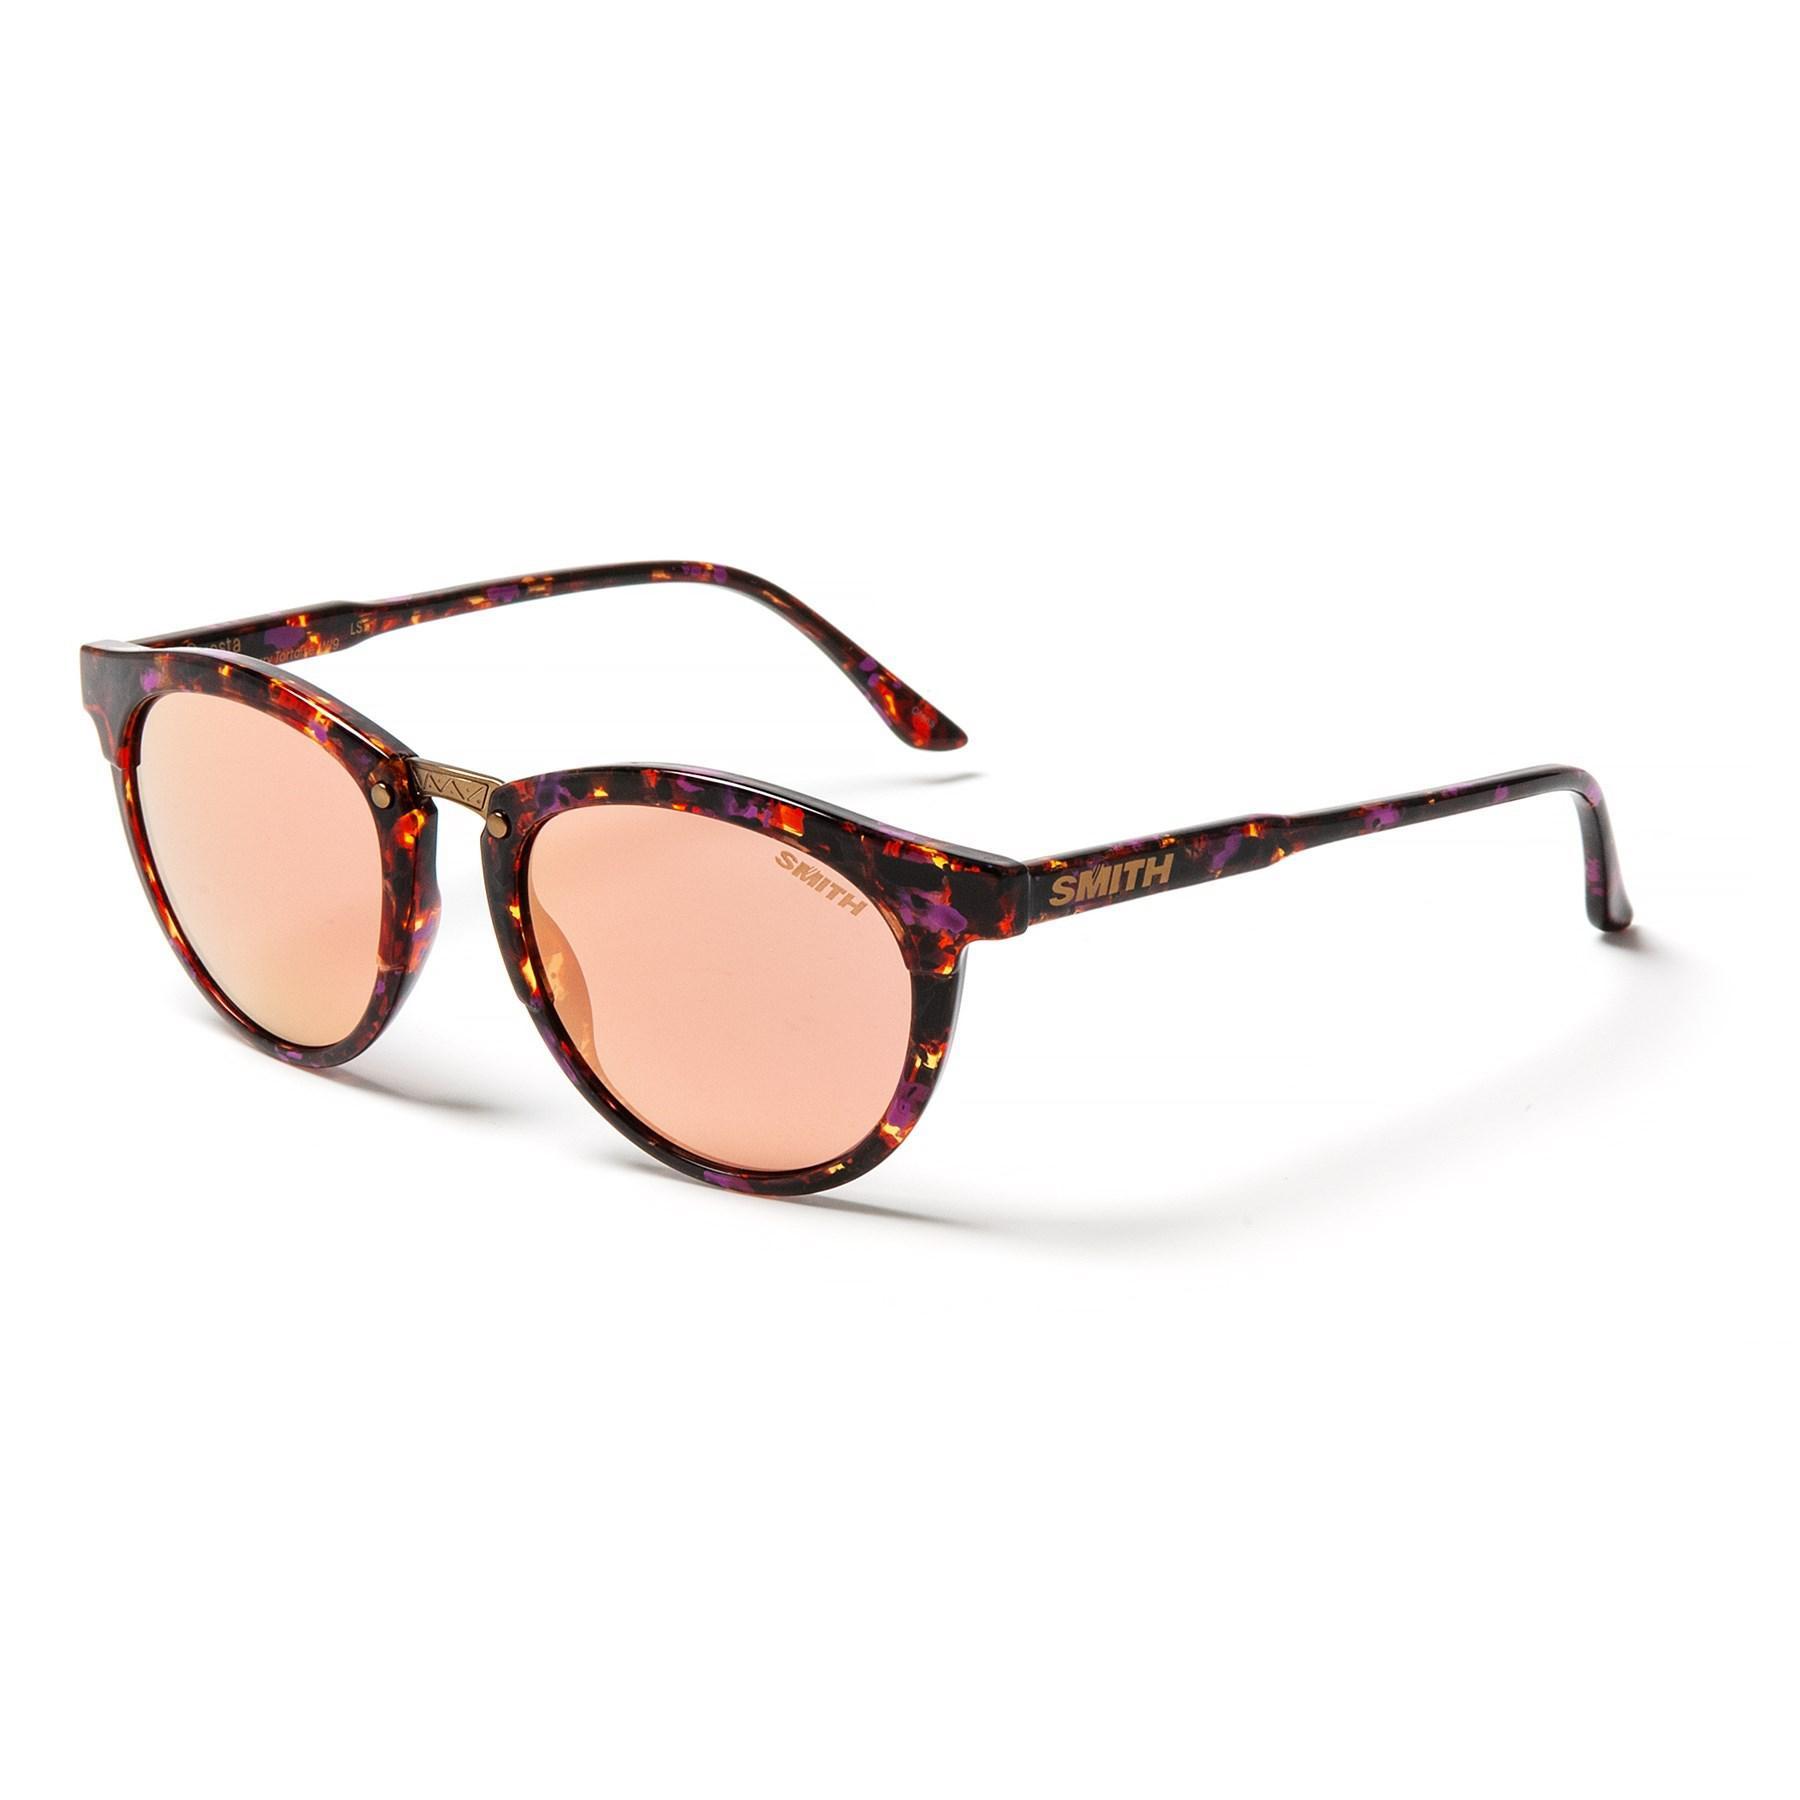 b9e719b5f51dd Lyst - Smith Optics Questa Sunglasses (for Women)